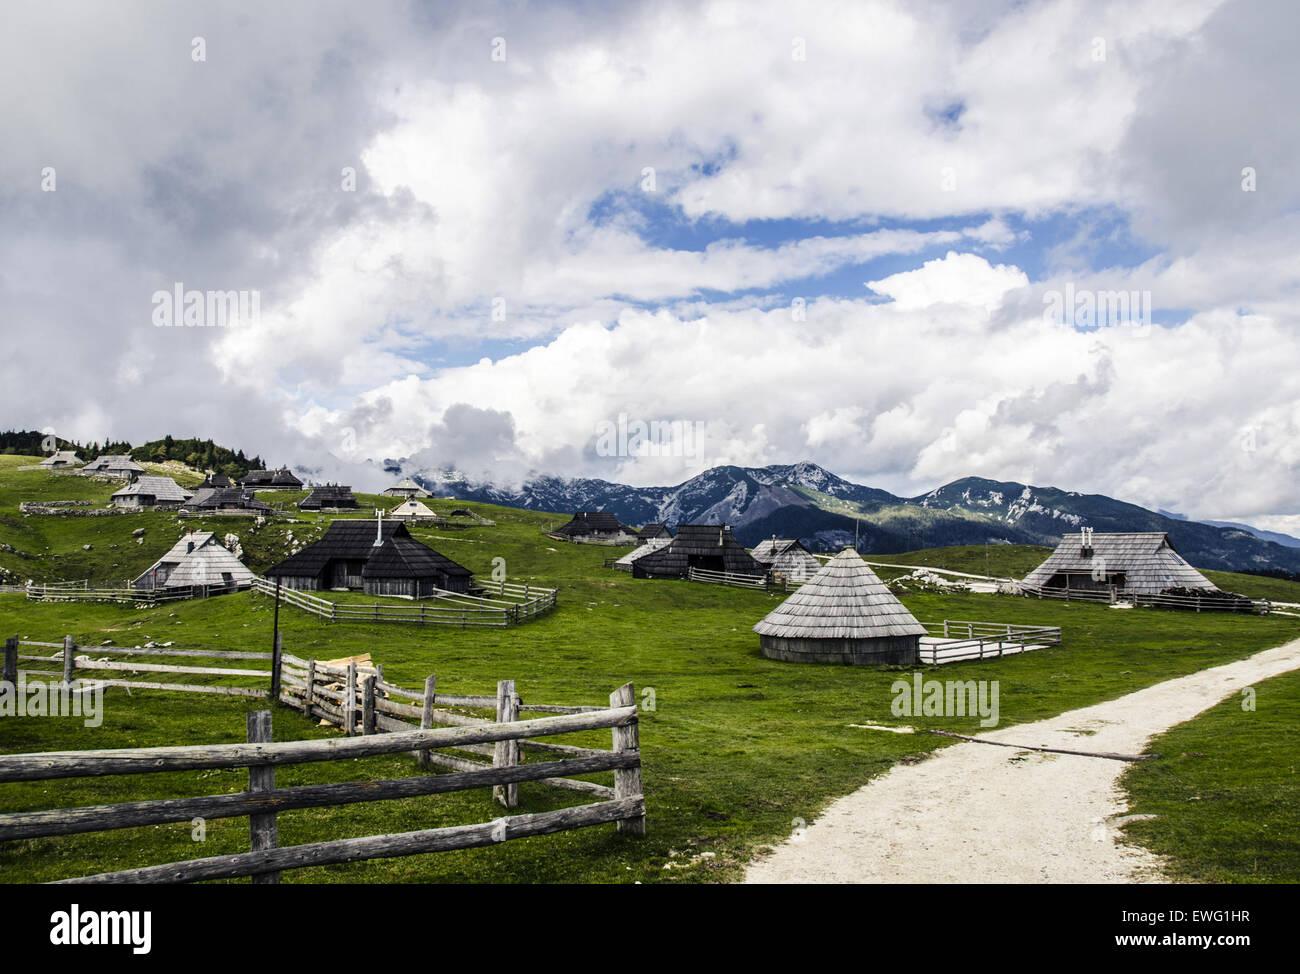 Recinzioni Per Case Di Montagna percorso da capanne nella regione montagnosa nuvole cumulus